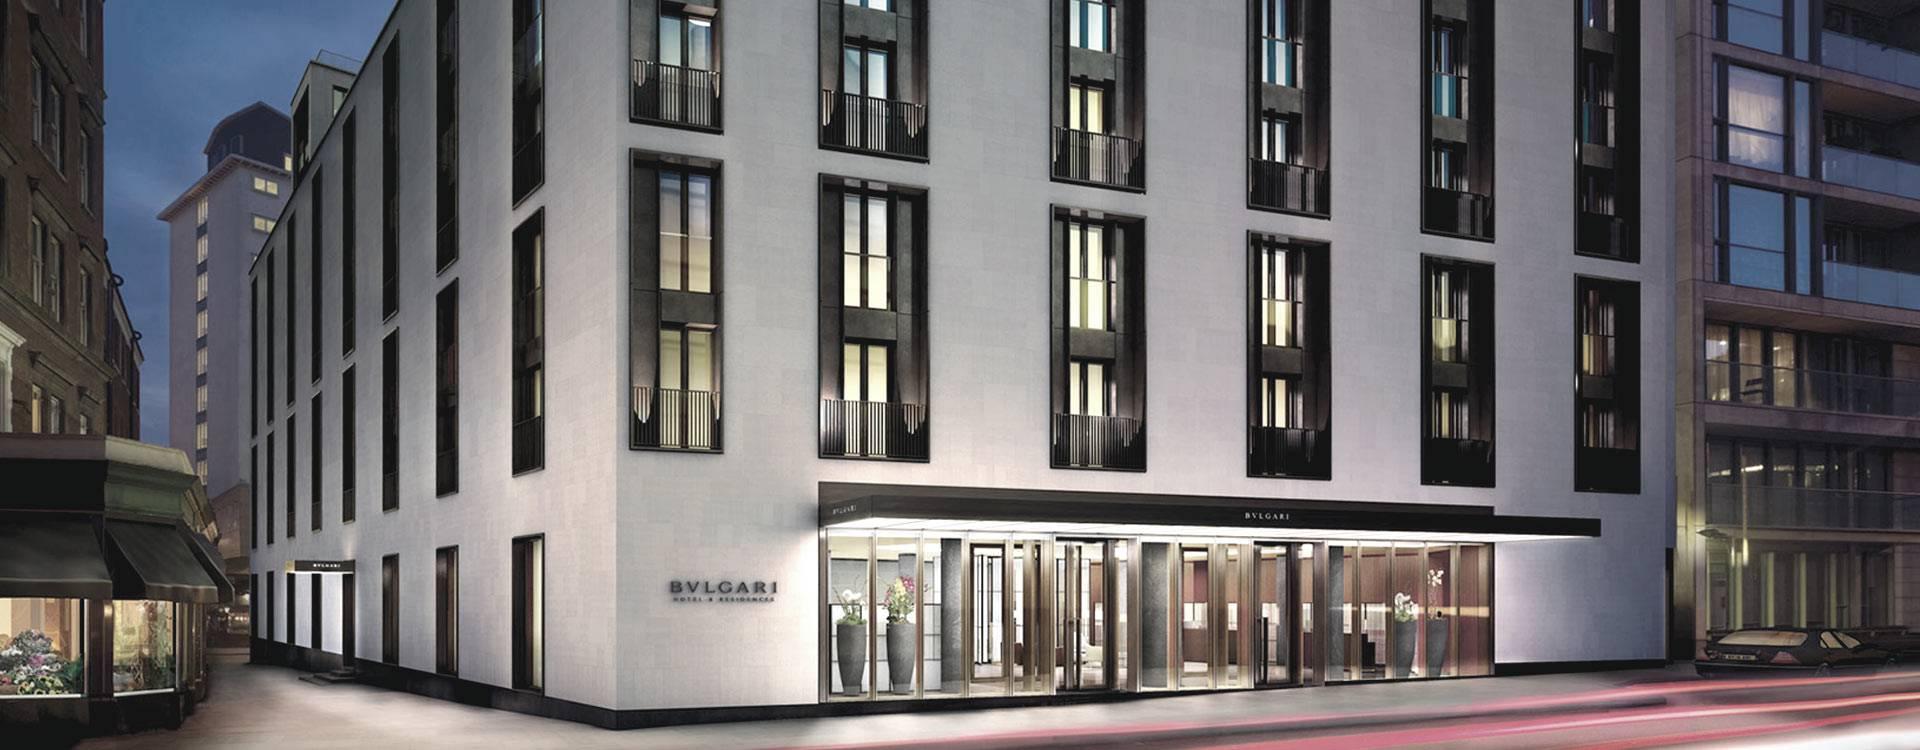 O Hotel Bulgari, comandado pela LVMH em Londres. (crédito: divulgação).